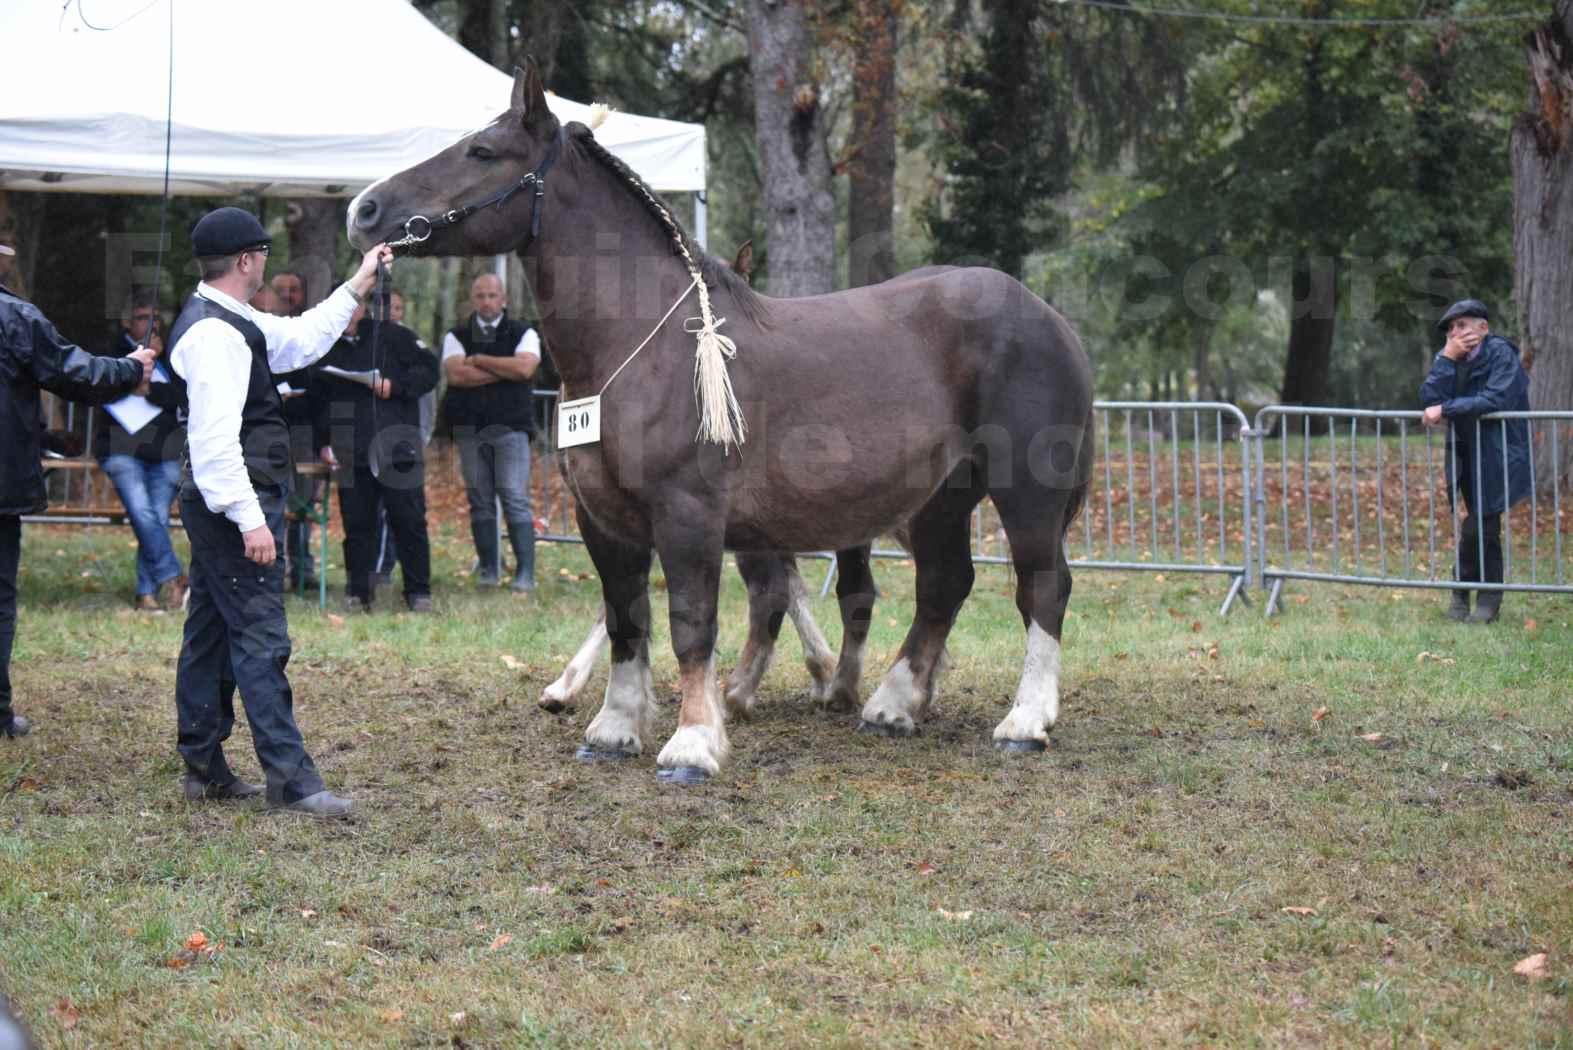 Concours Régional de chevaux de traits en 2017 - Jument & Poulain Trait BRETON - DIANE 18 - 25